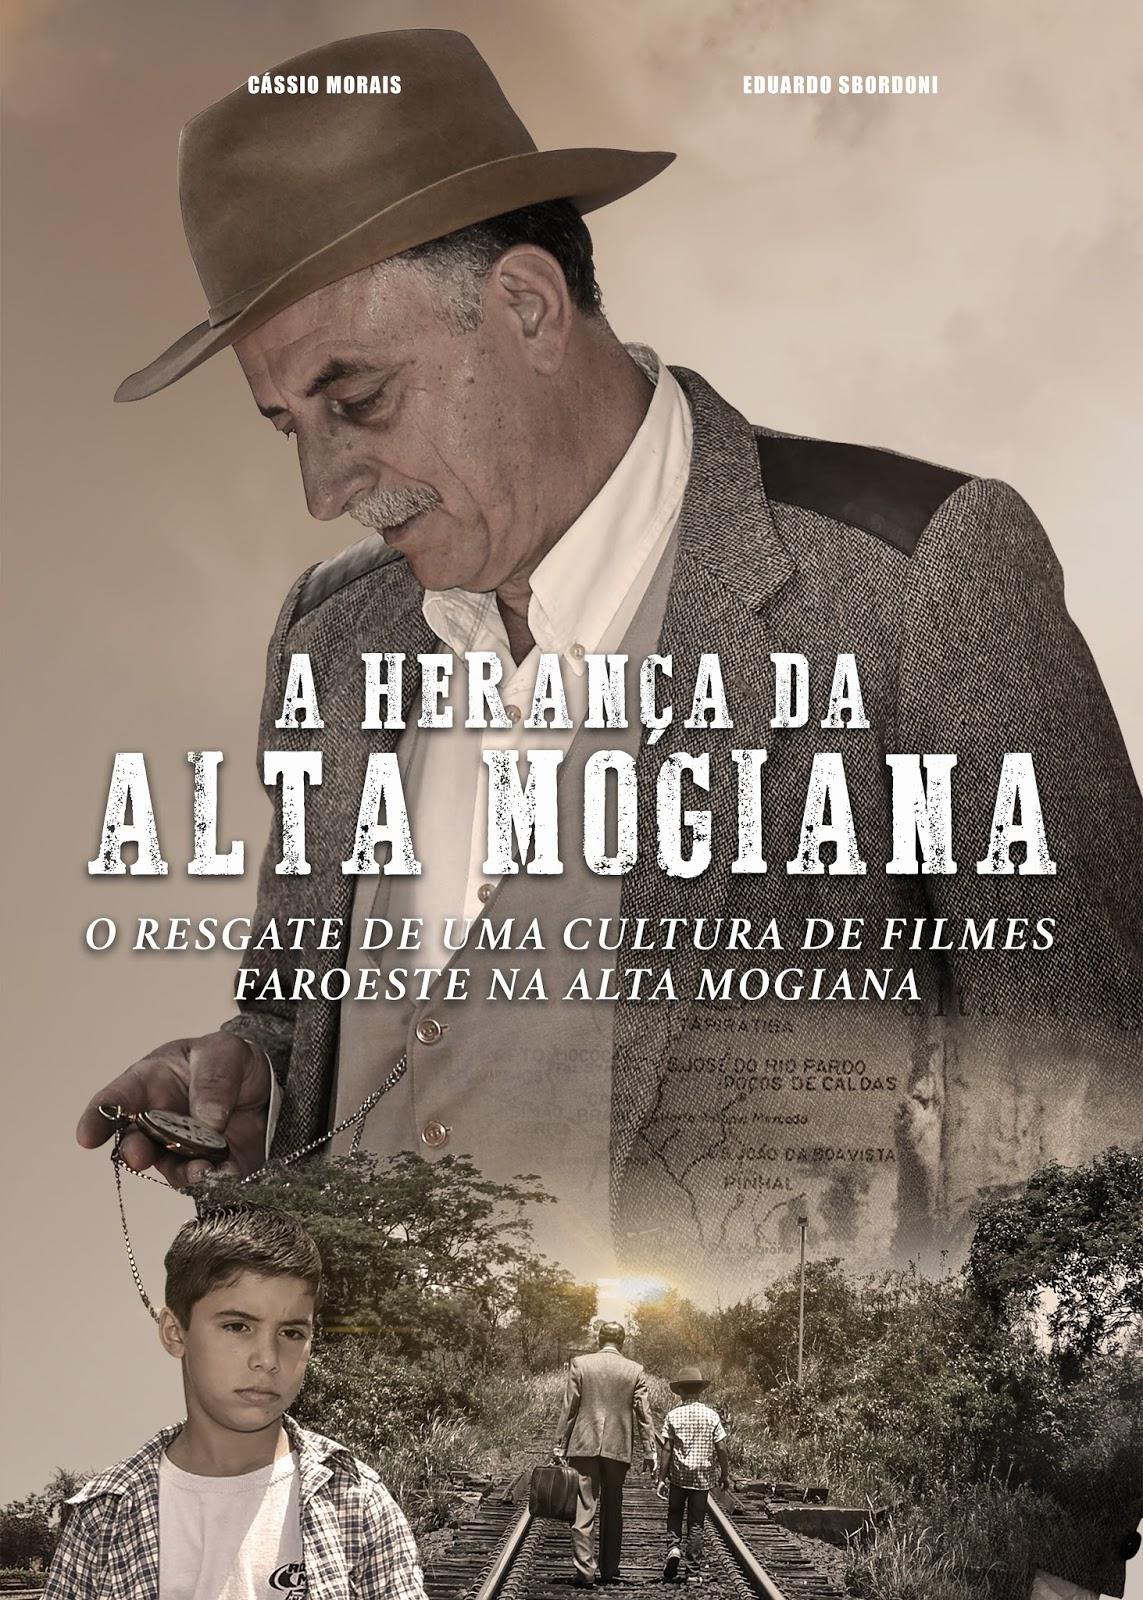 Filme Resgate De Uma Vida with tem um coelho no cinema: 2015